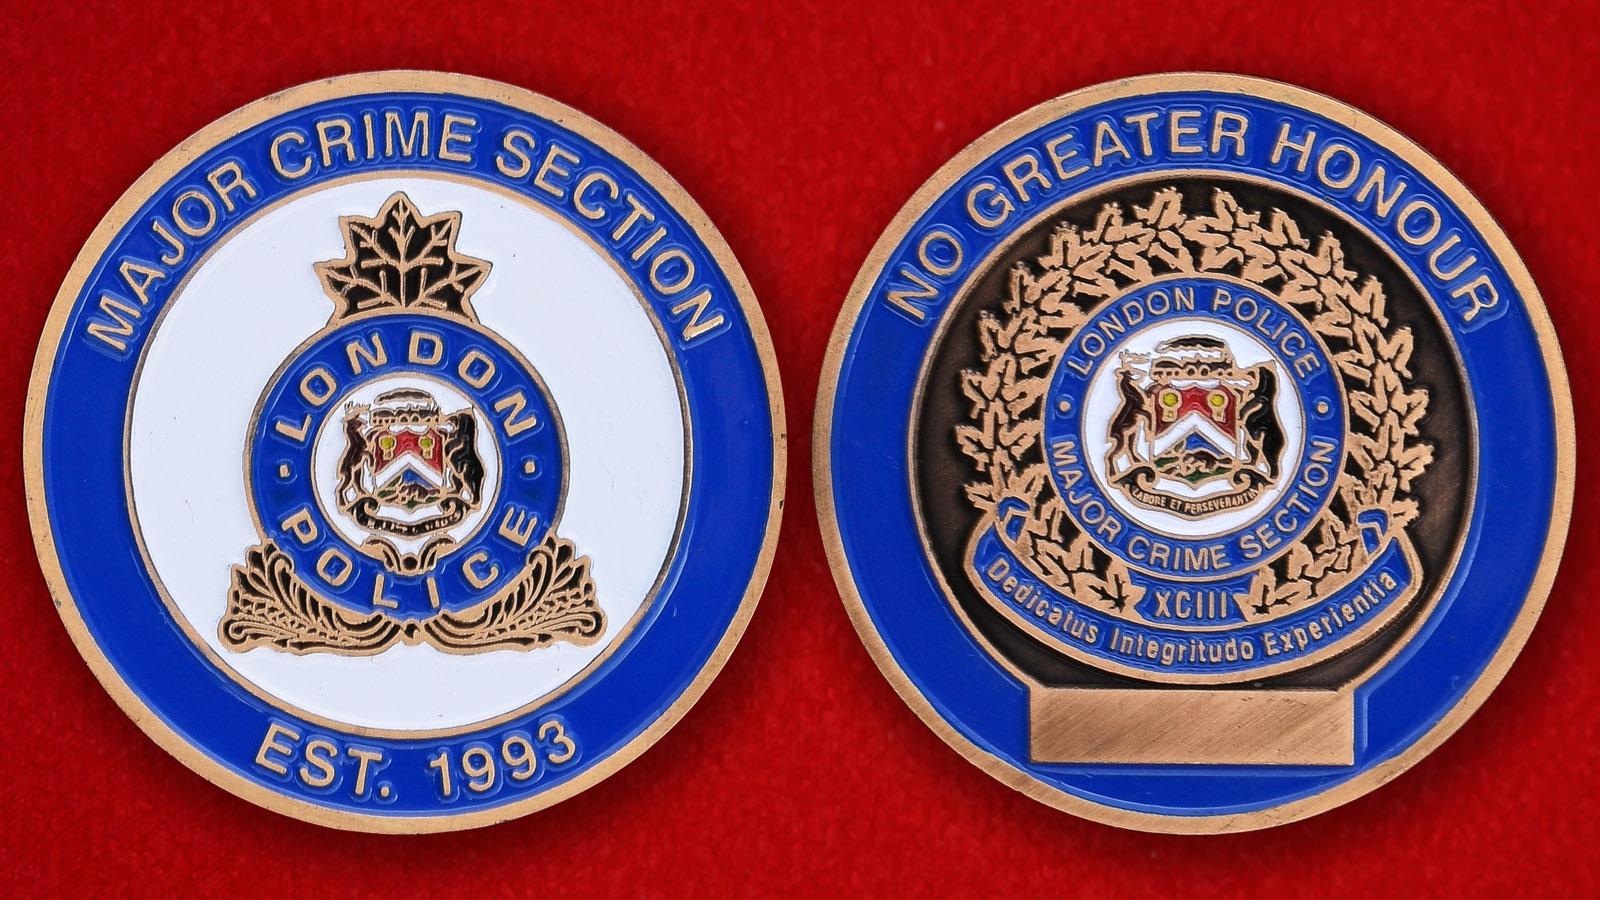 Челлендж коин Уголовного розыска полиции Лондона